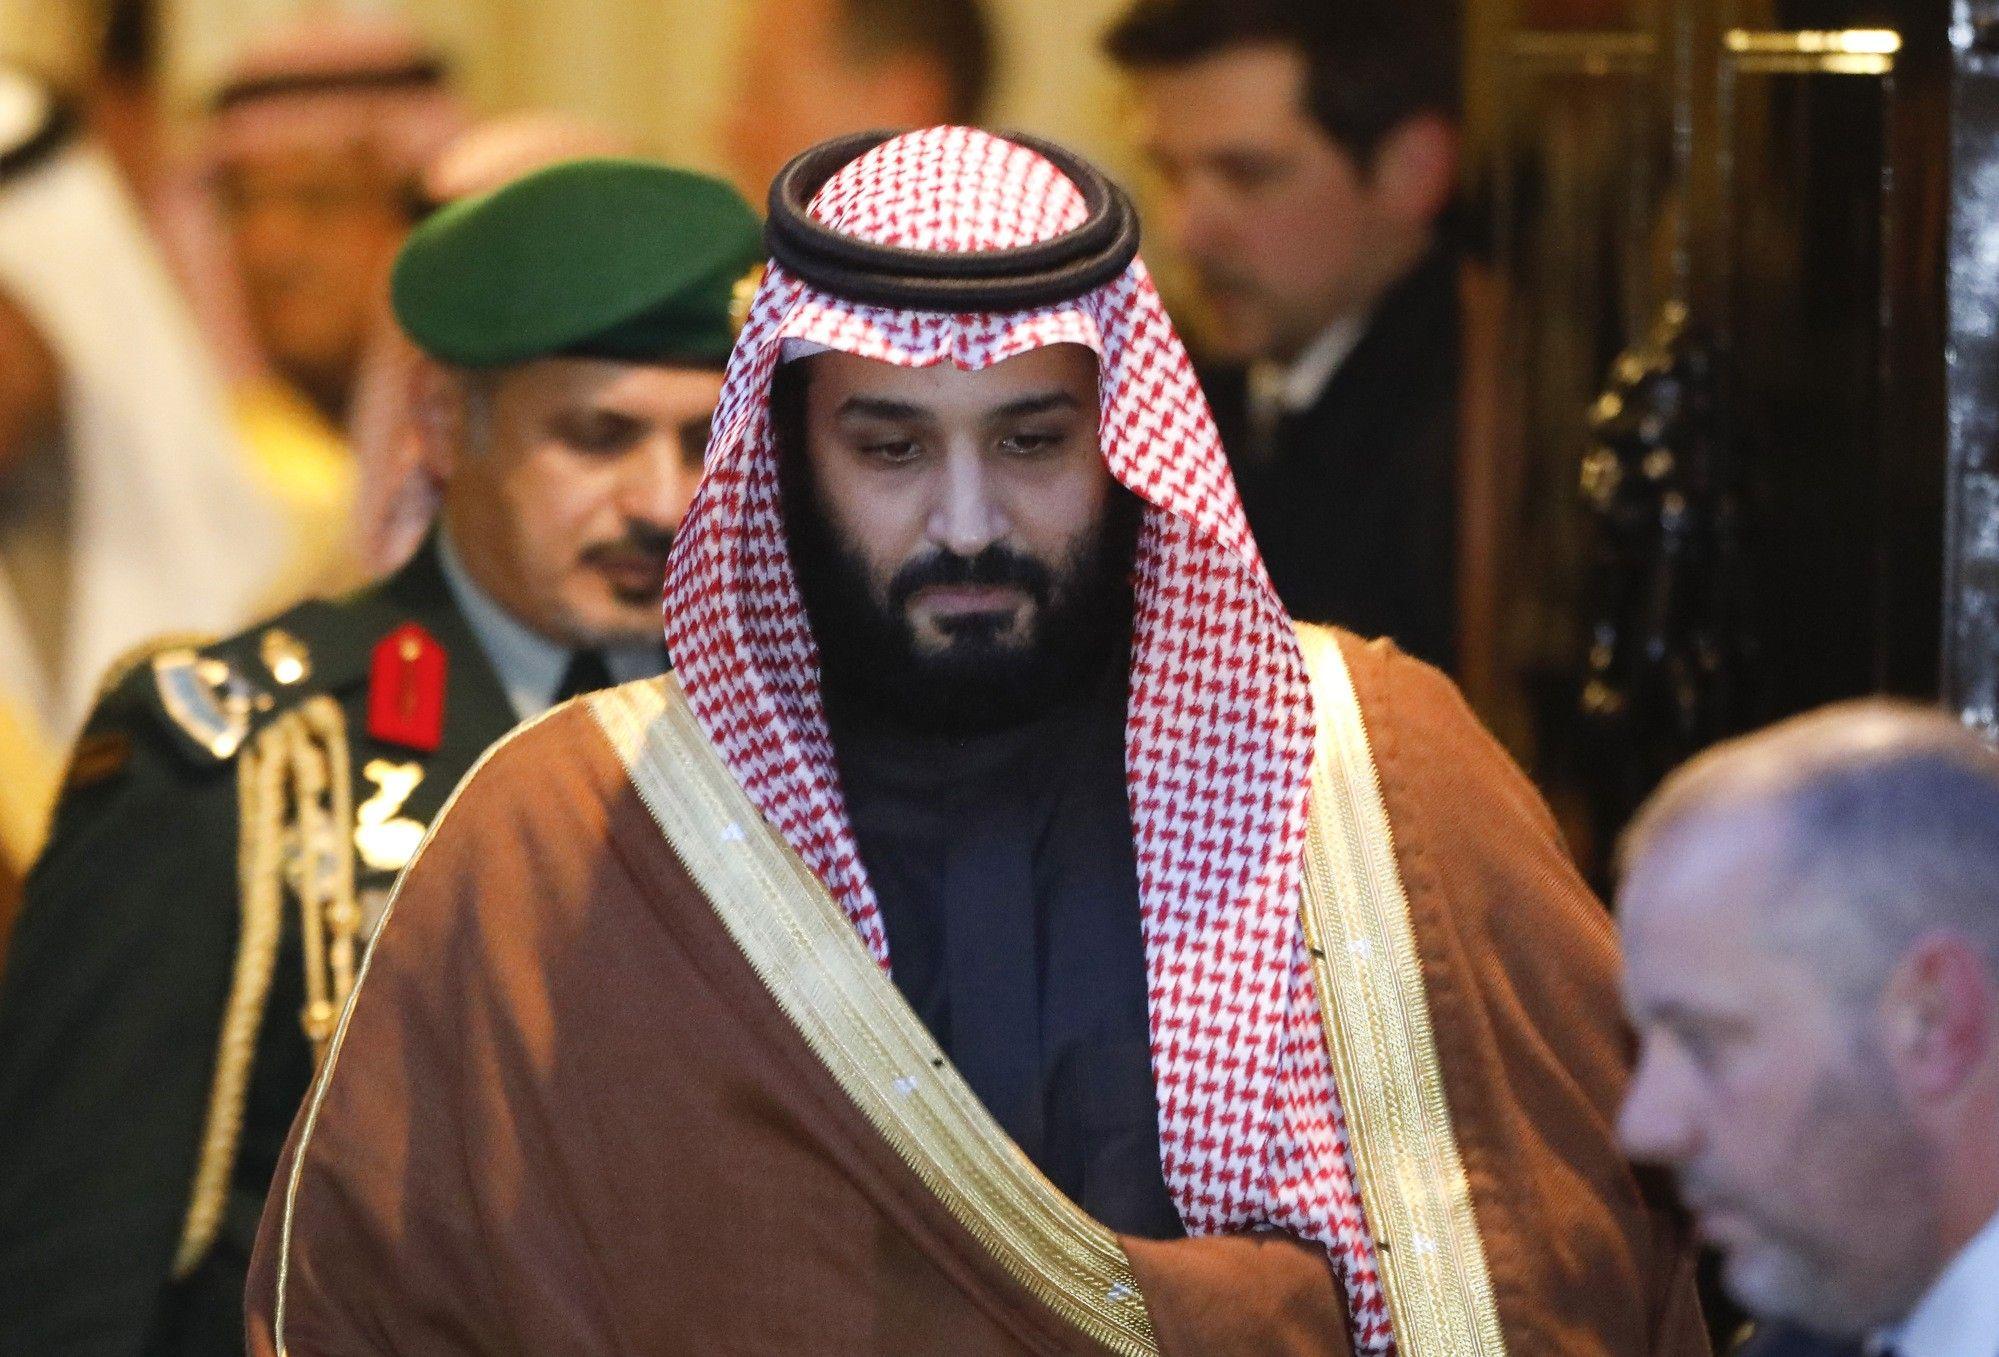 El príncipe Mohammed es el hijo y heredero del rey Salman de Arabia Saudita.